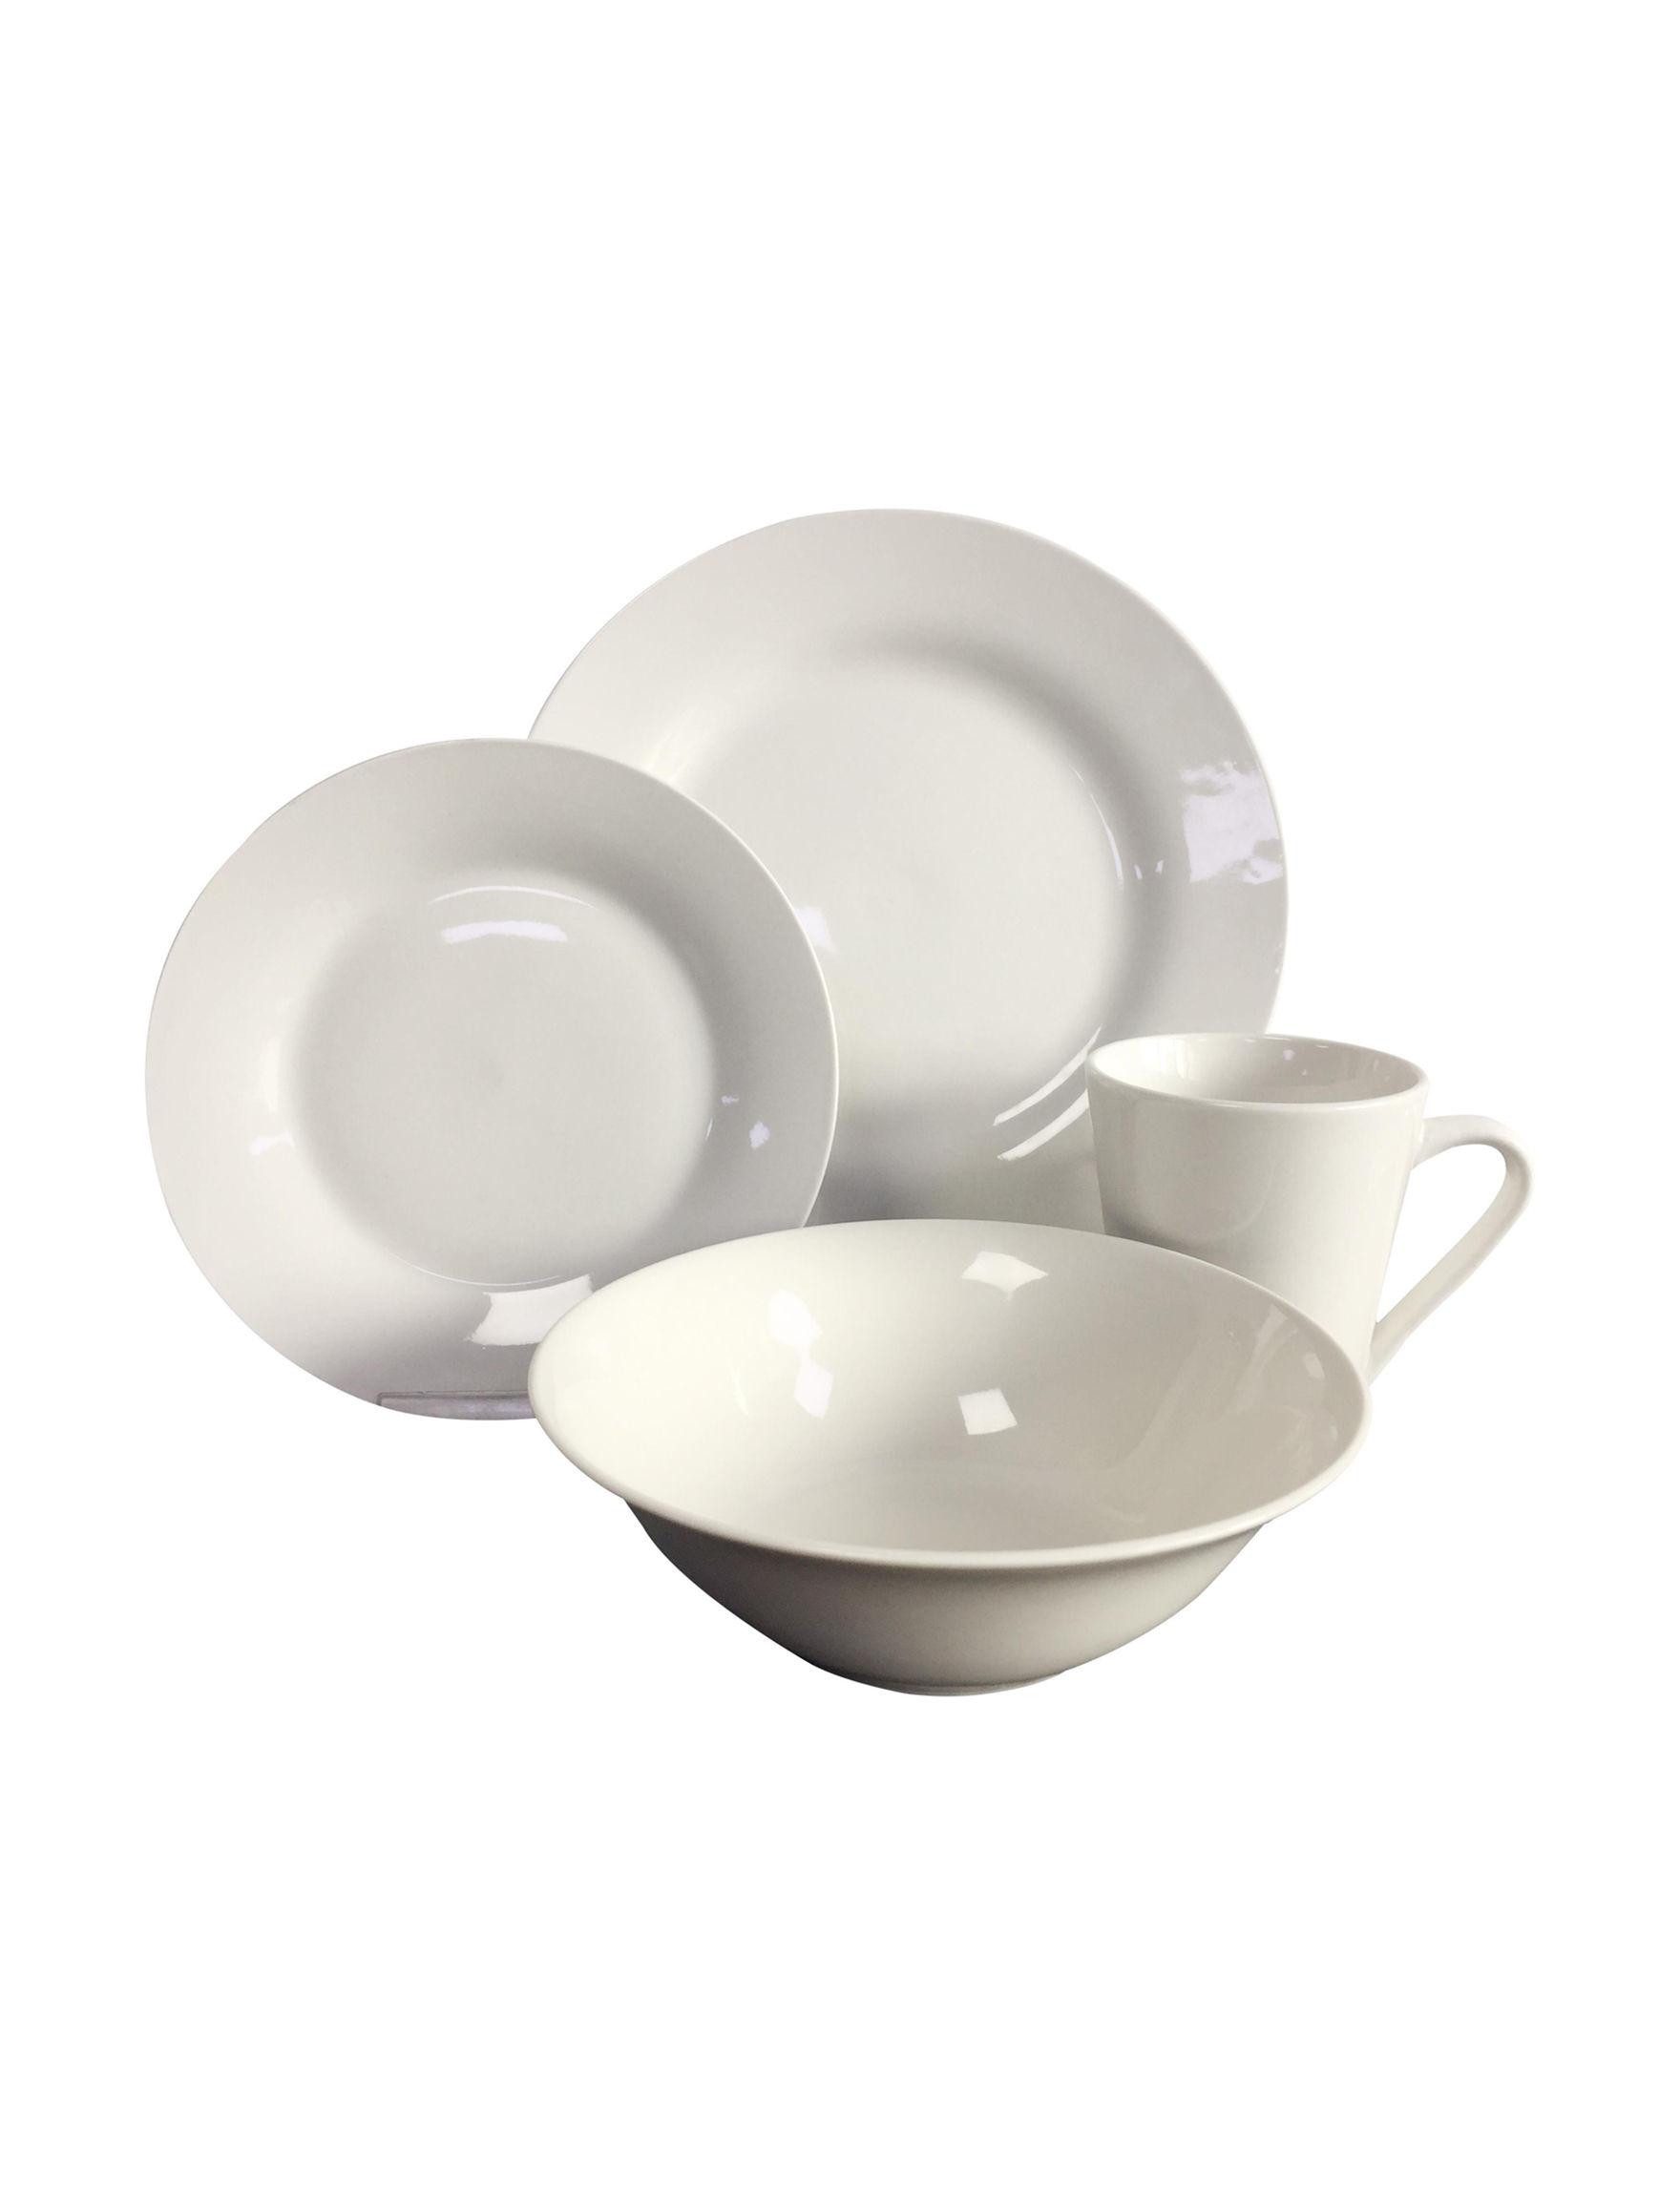 Cucina Vita White Dinnerware